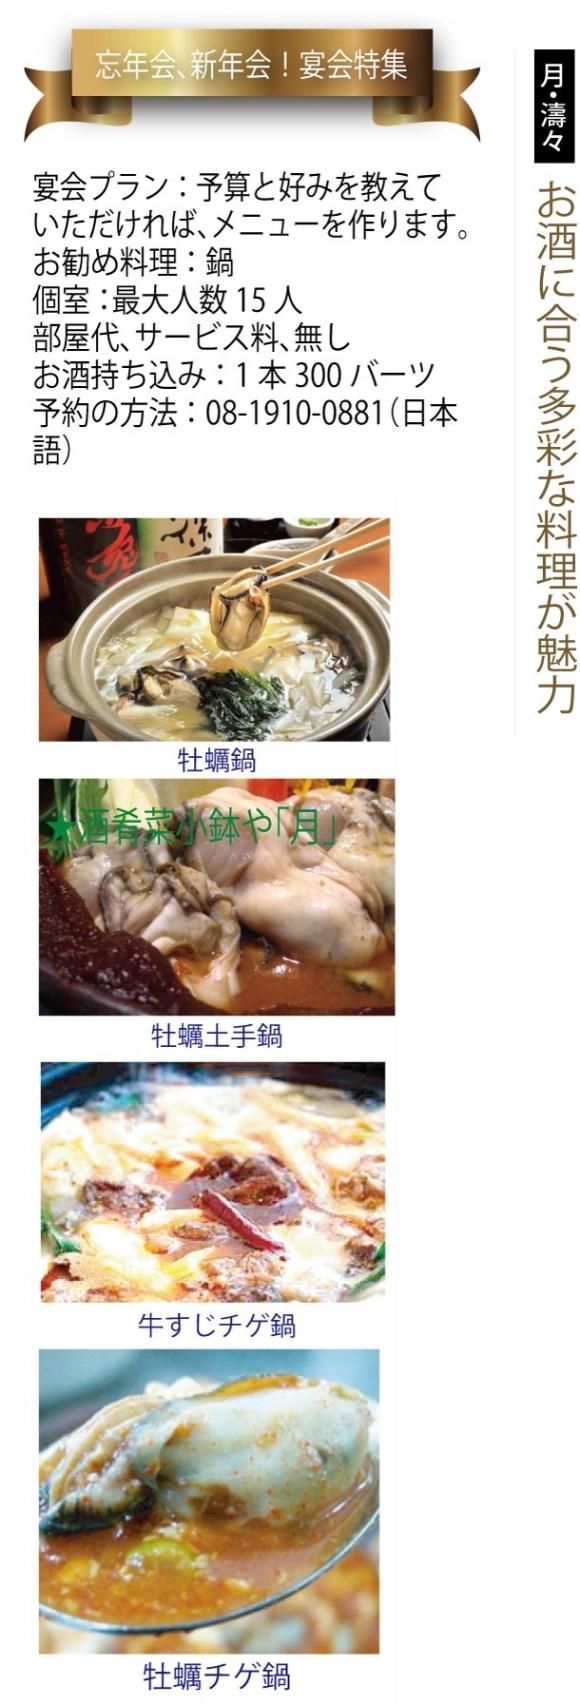 ソイ41の「月」と「濤々」はお酒に合う多彩な料理が魅力